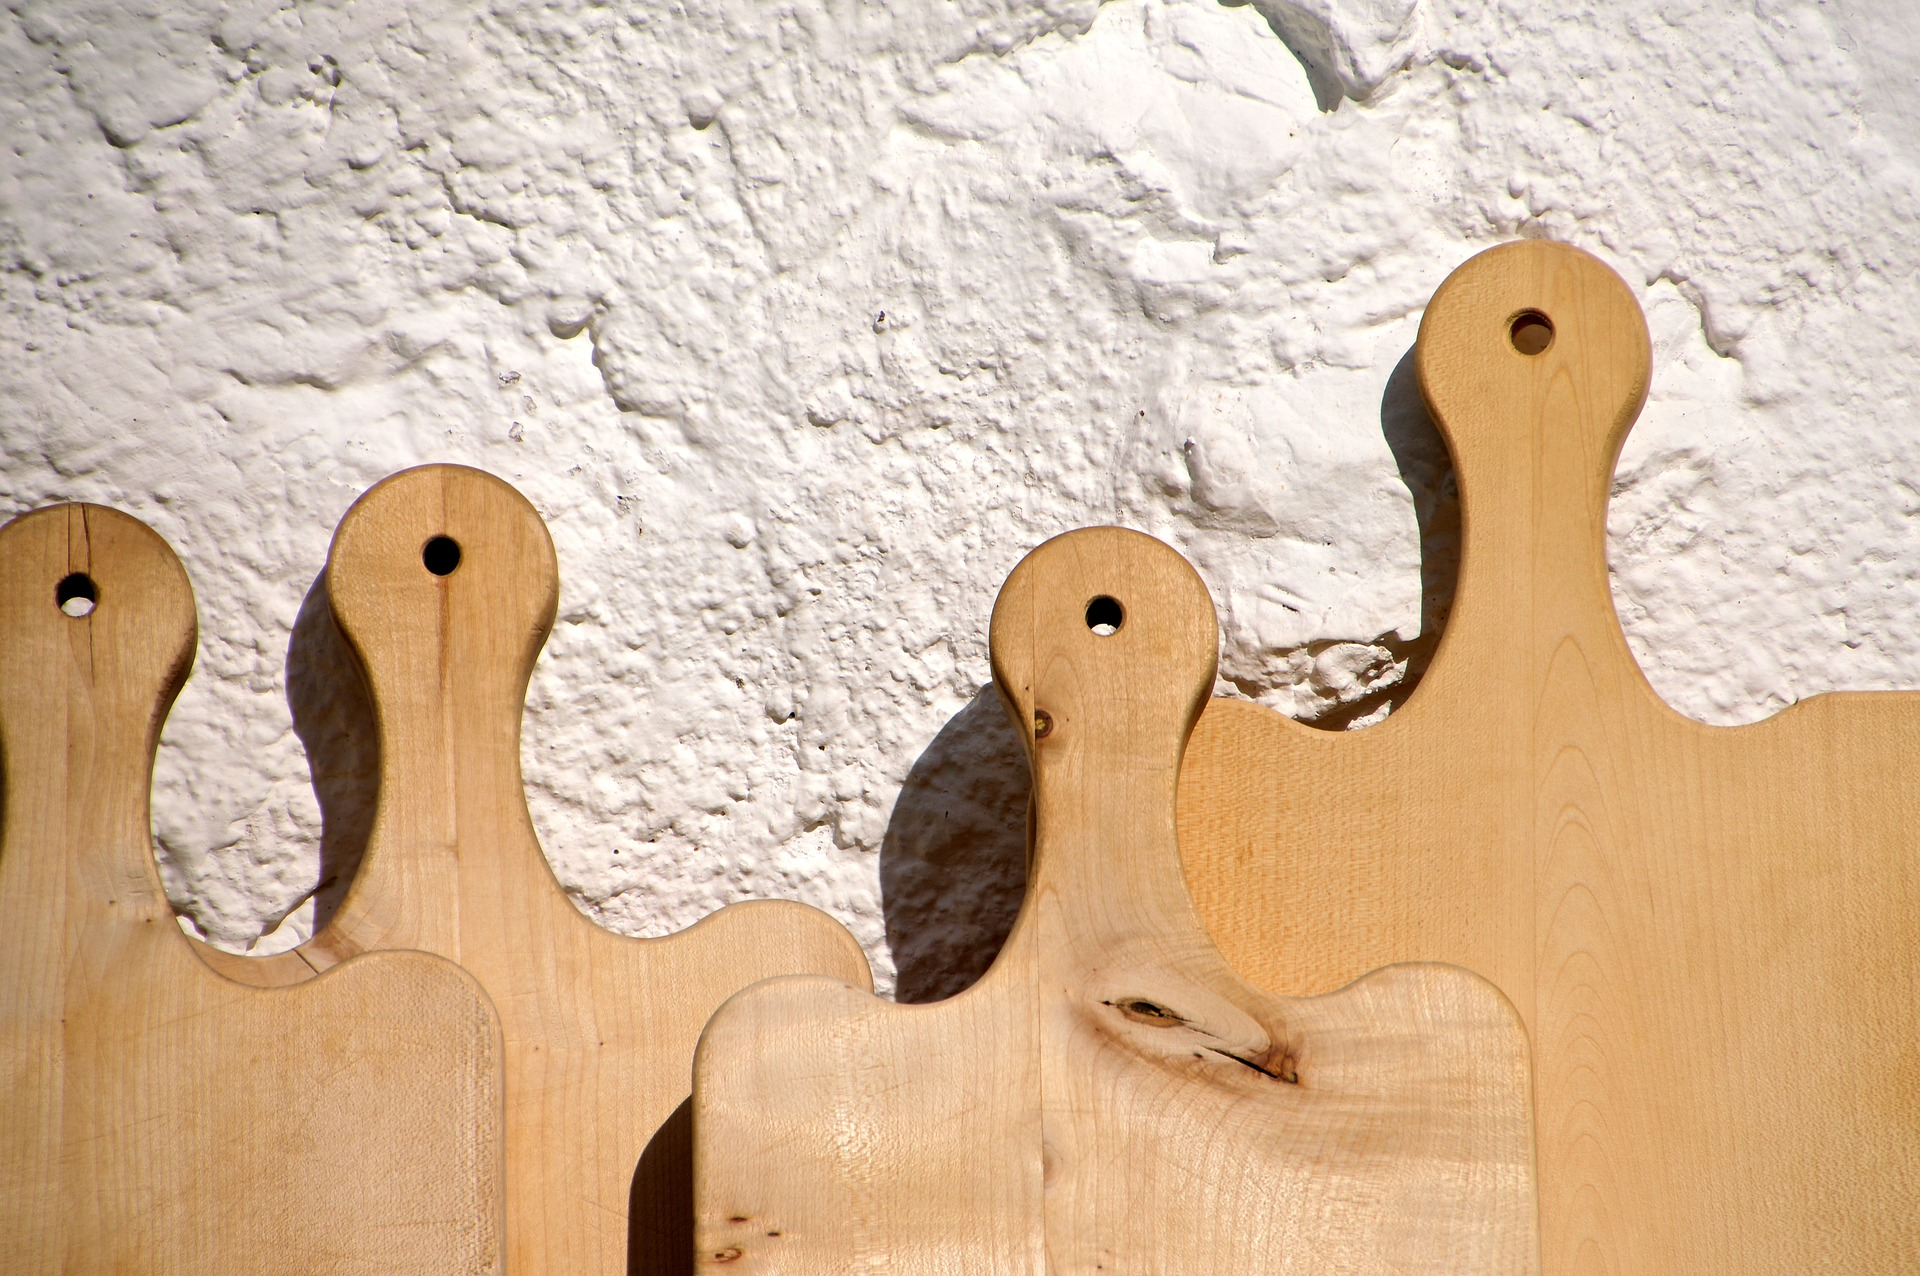 cutting-boards-1662334_1920.jpg